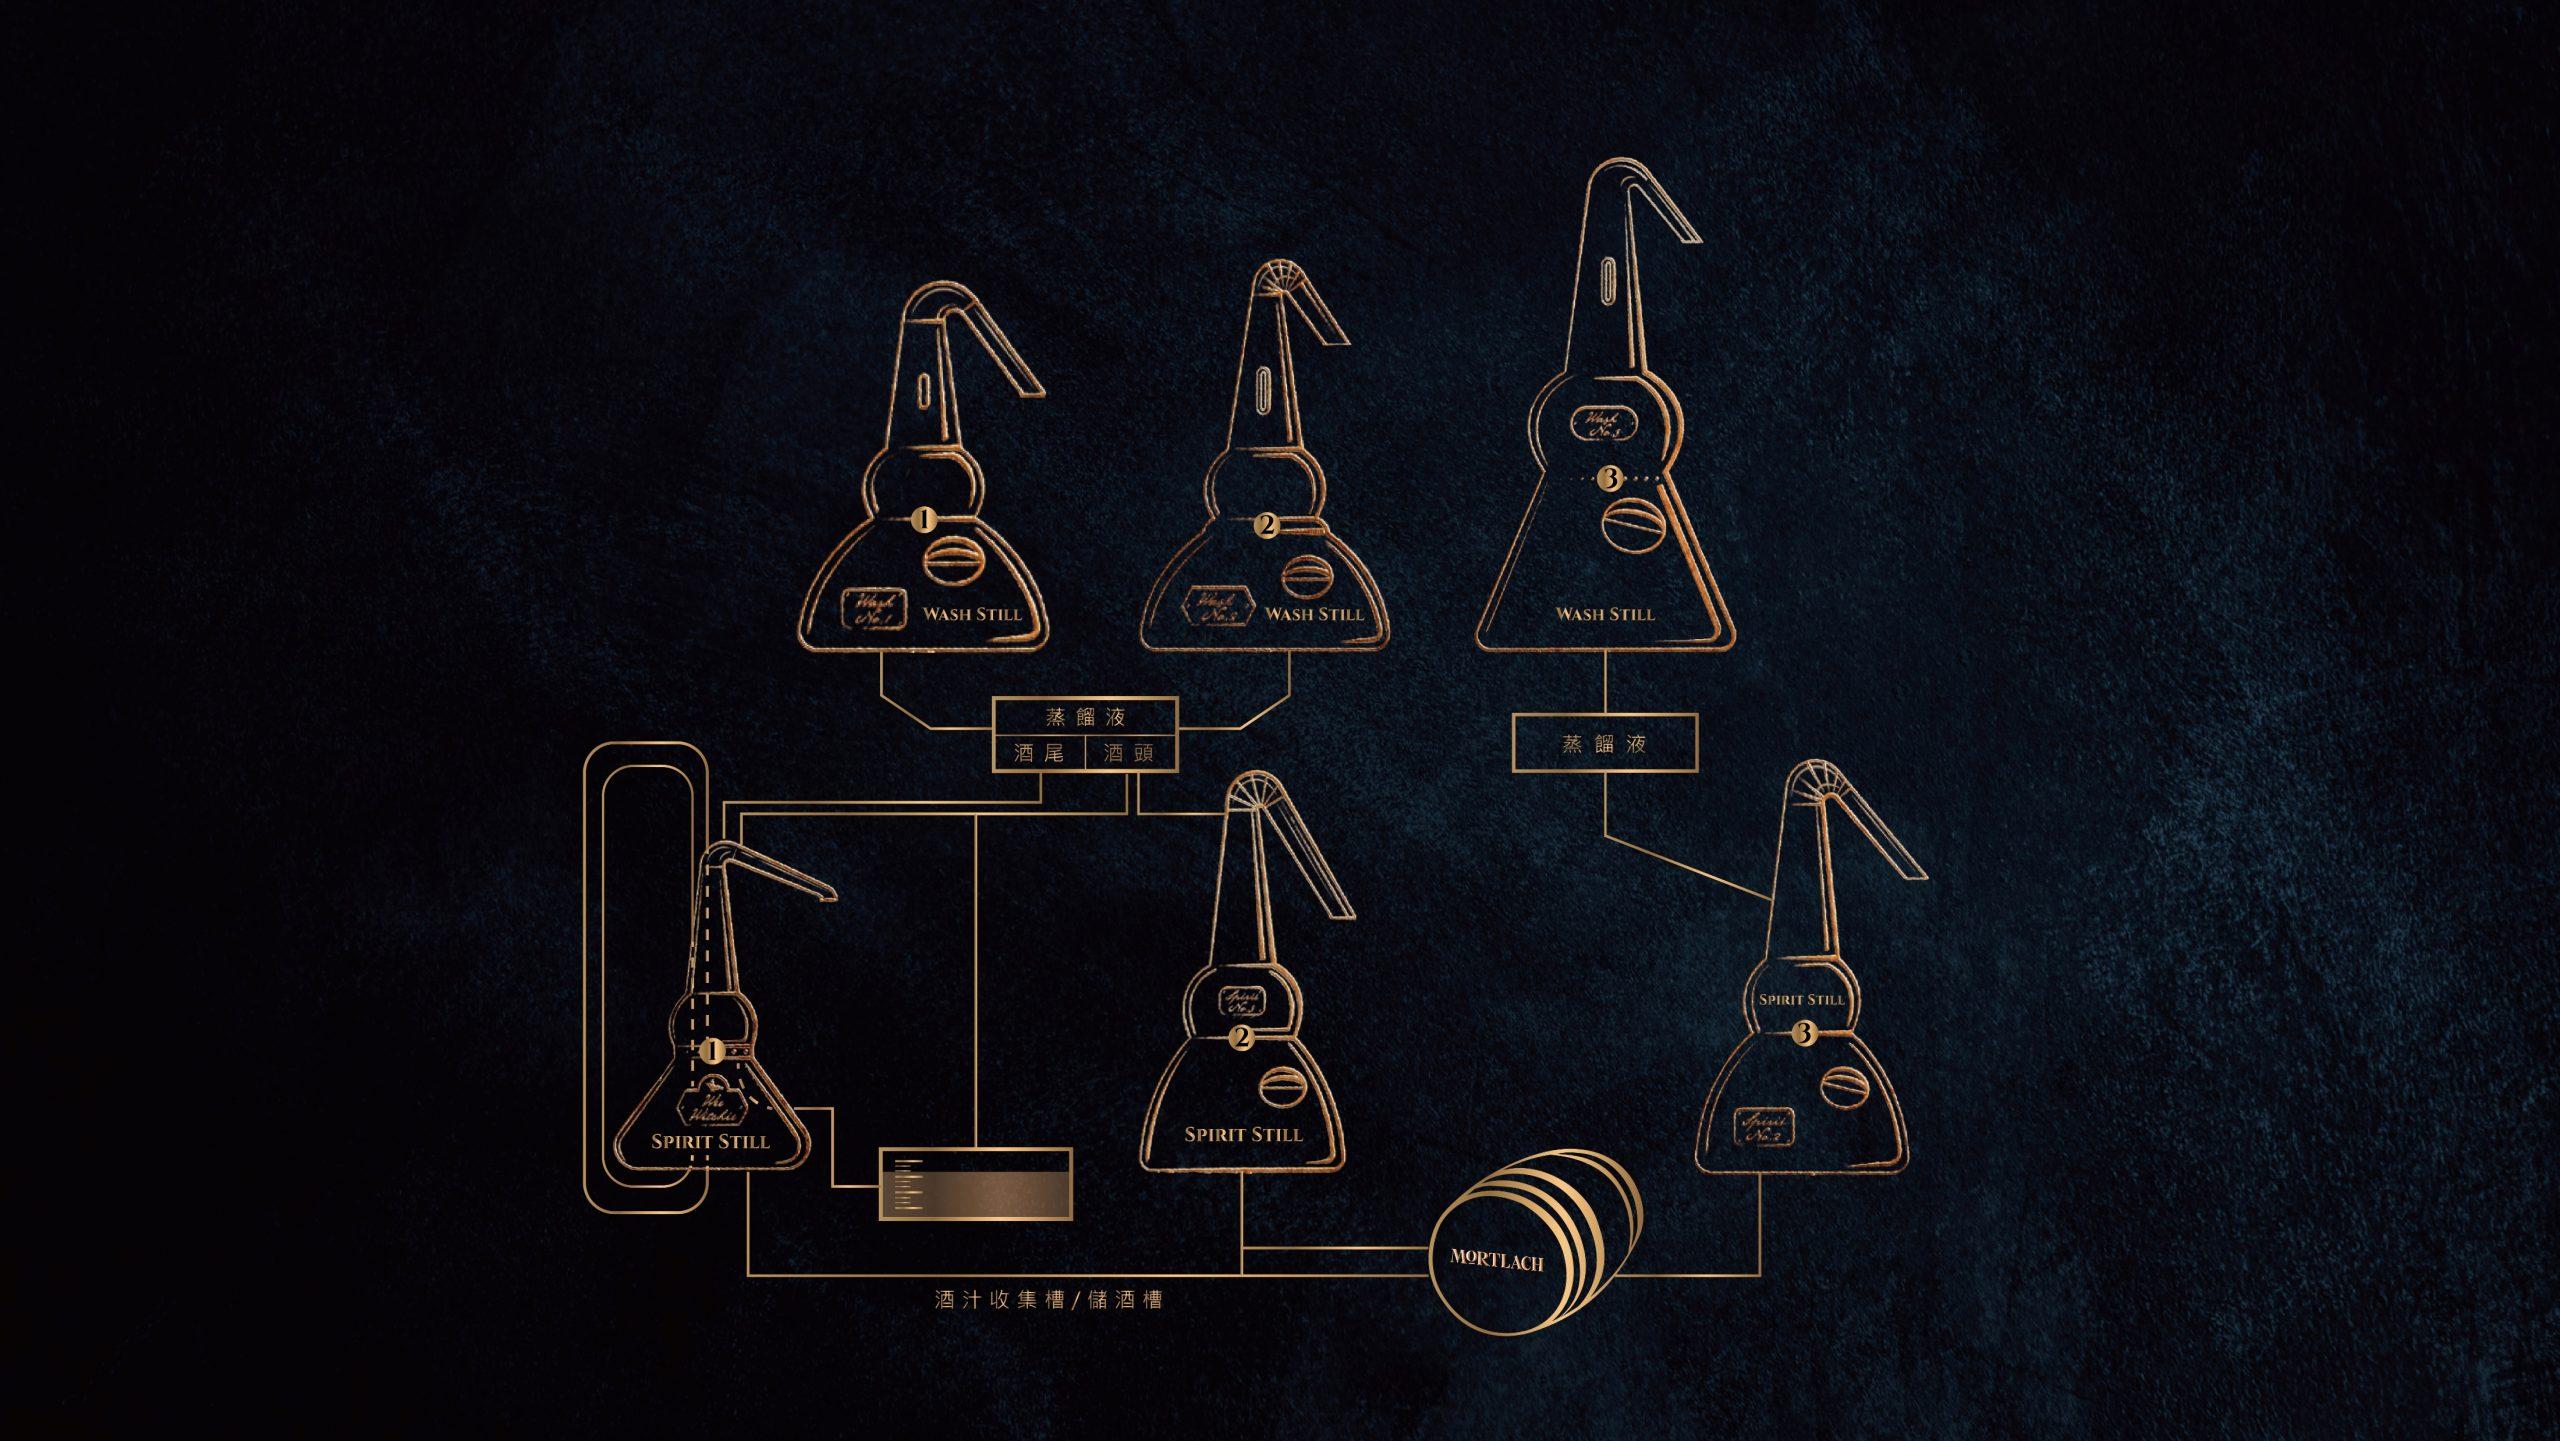 图片包含 游戏机 描述已自动生成